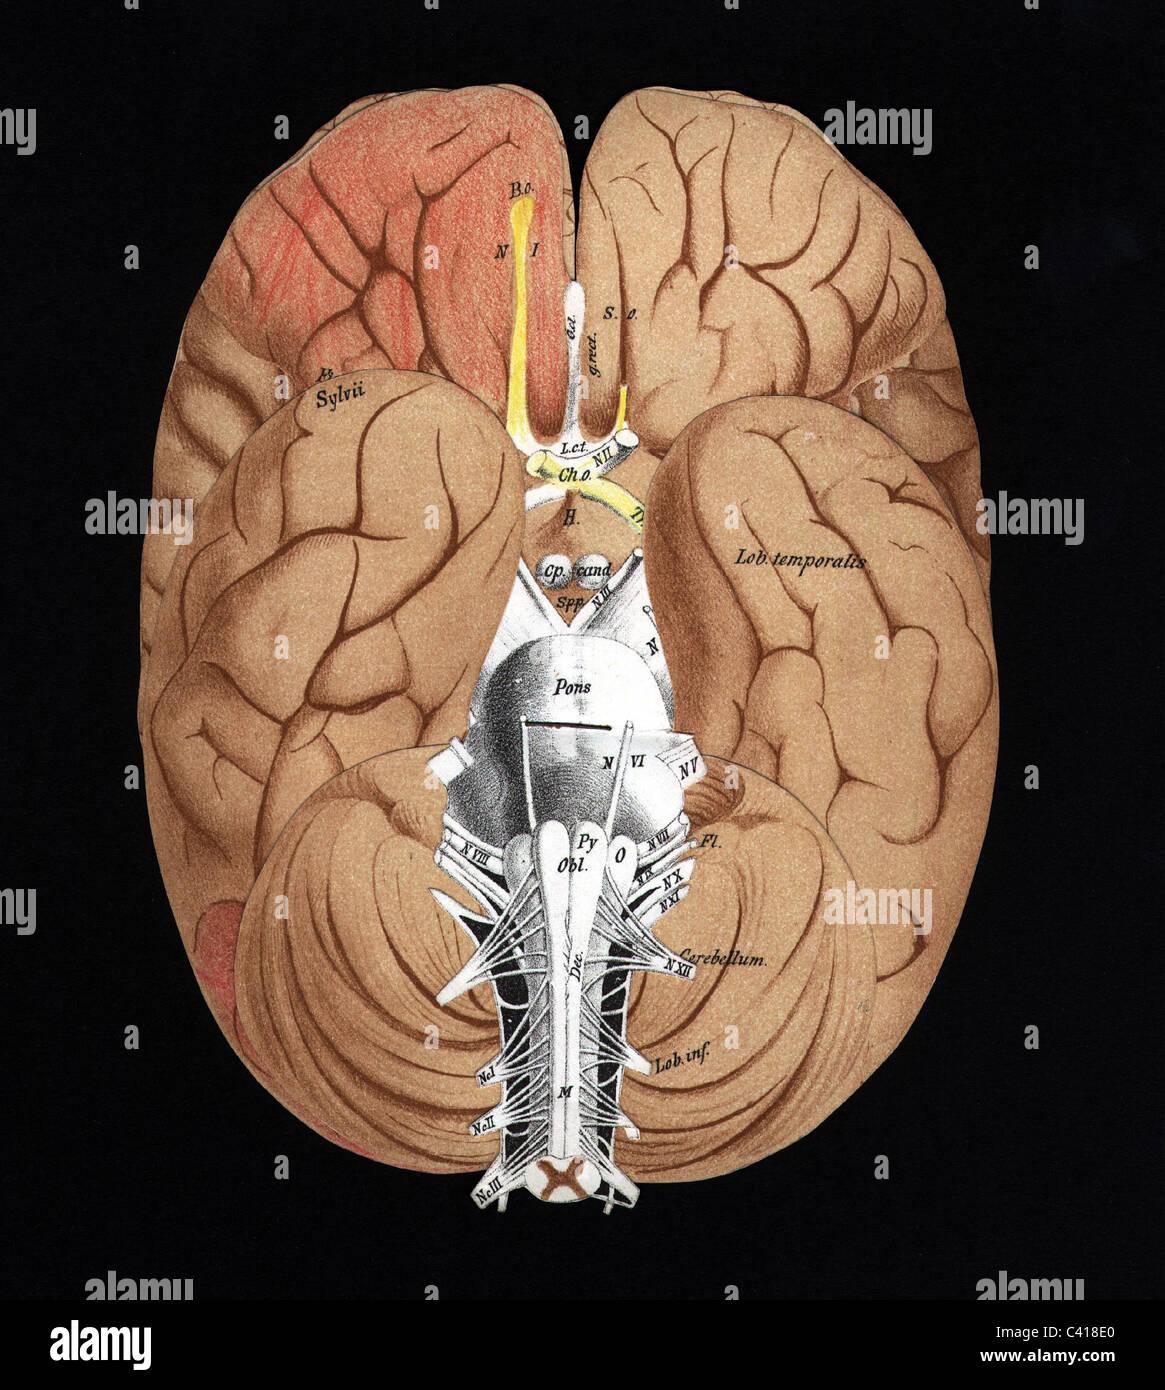 Ungewöhnlich Ct Anatomie Des Gehirns Galerie - Menschliche Anatomie ...